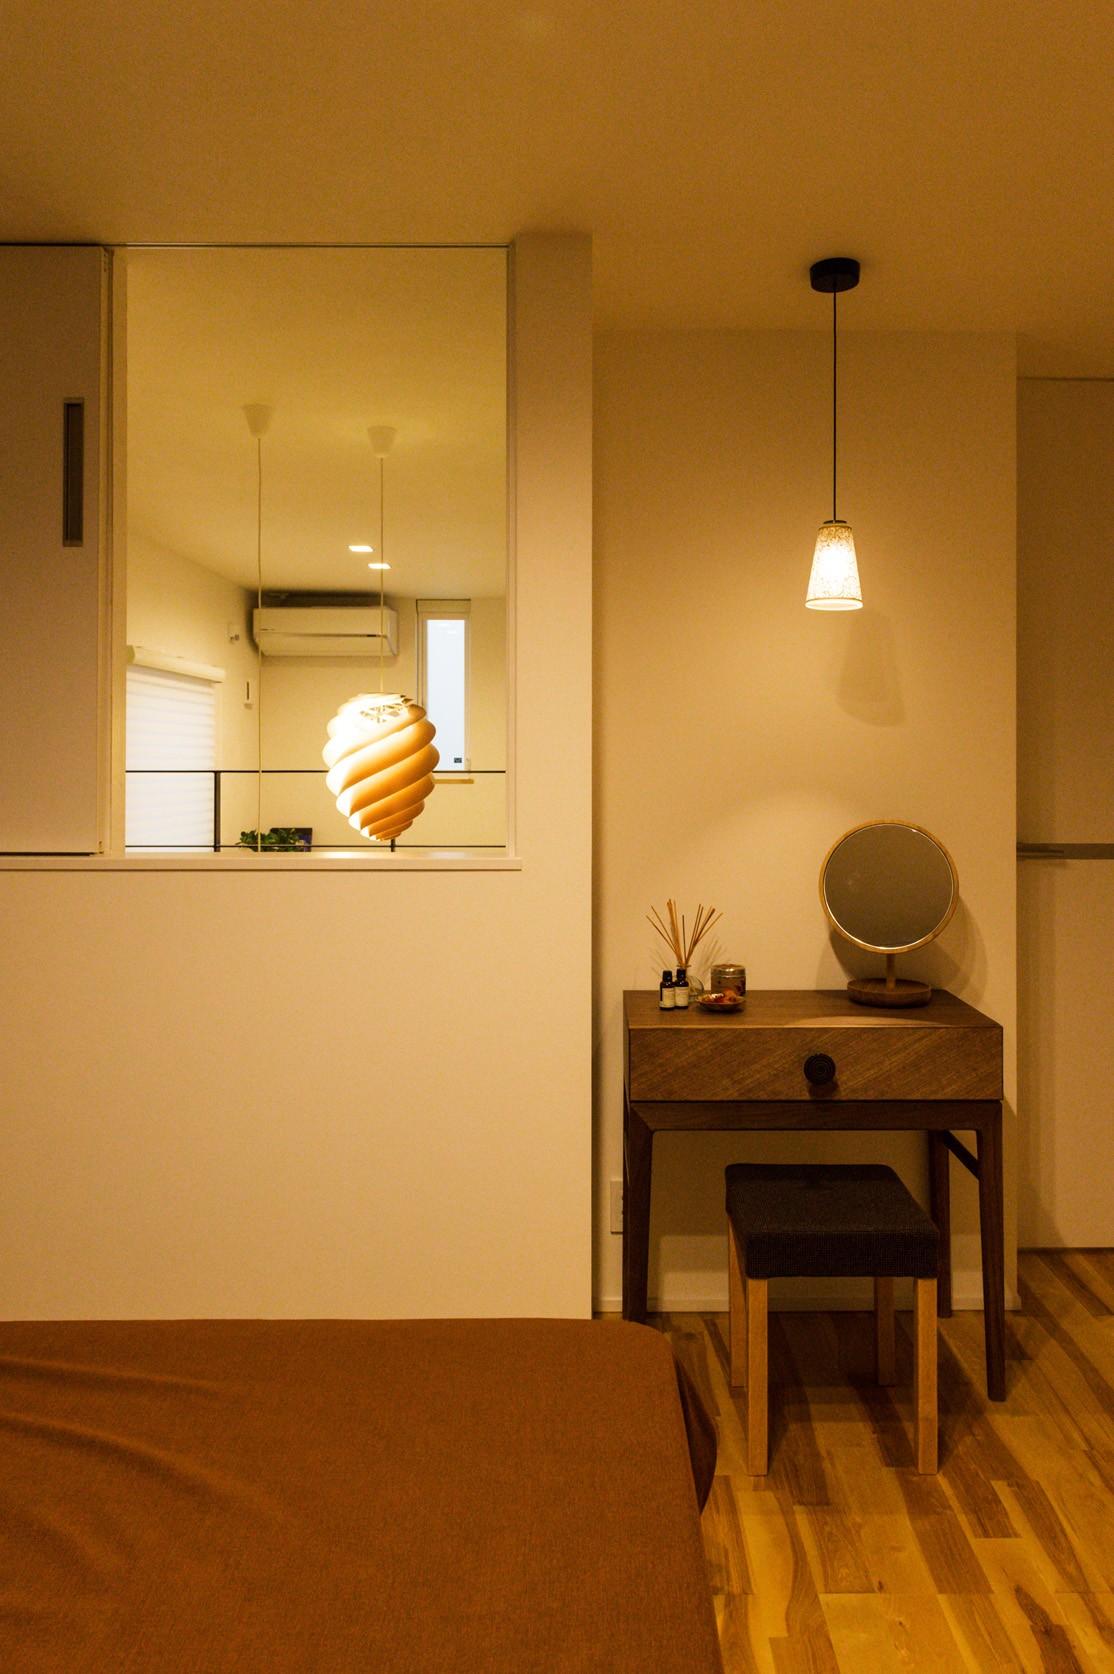 フクダハウジング株式会社「ワンランク上の美しさと機能性の高い家」のシンプル・ナチュラル・モダンな居室の実例写真